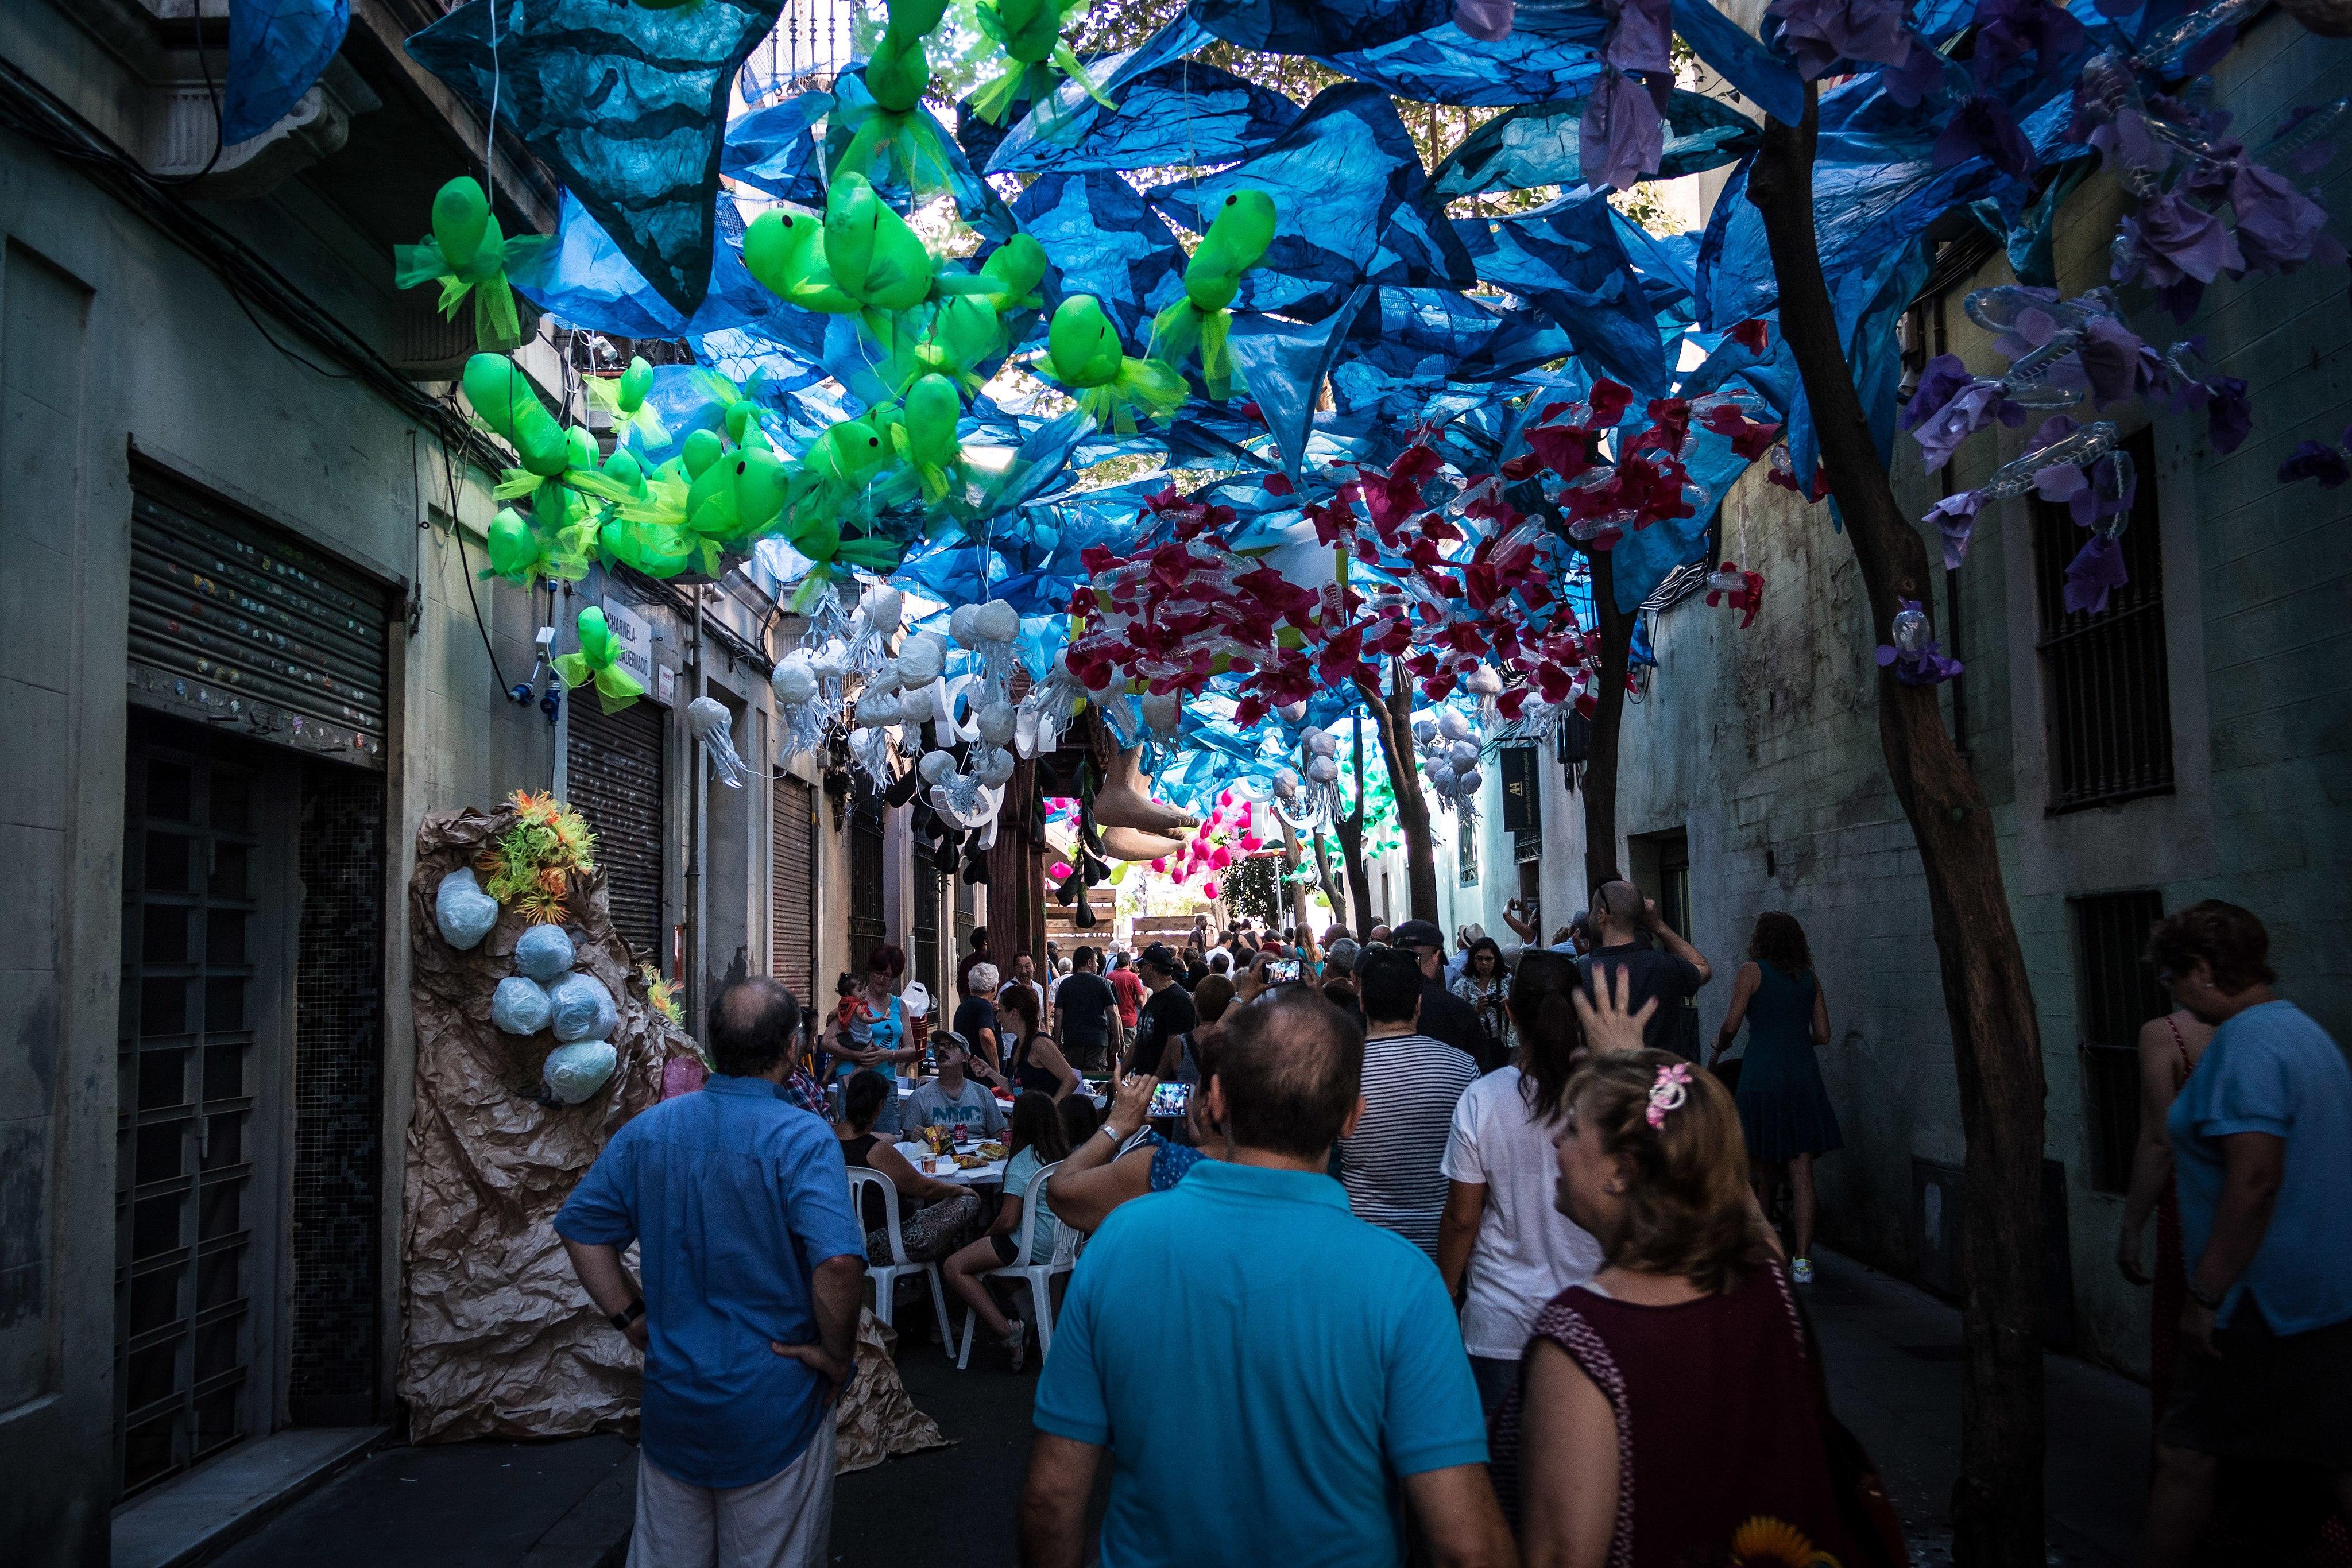 FM Gracia 2016 - Decoración Calles